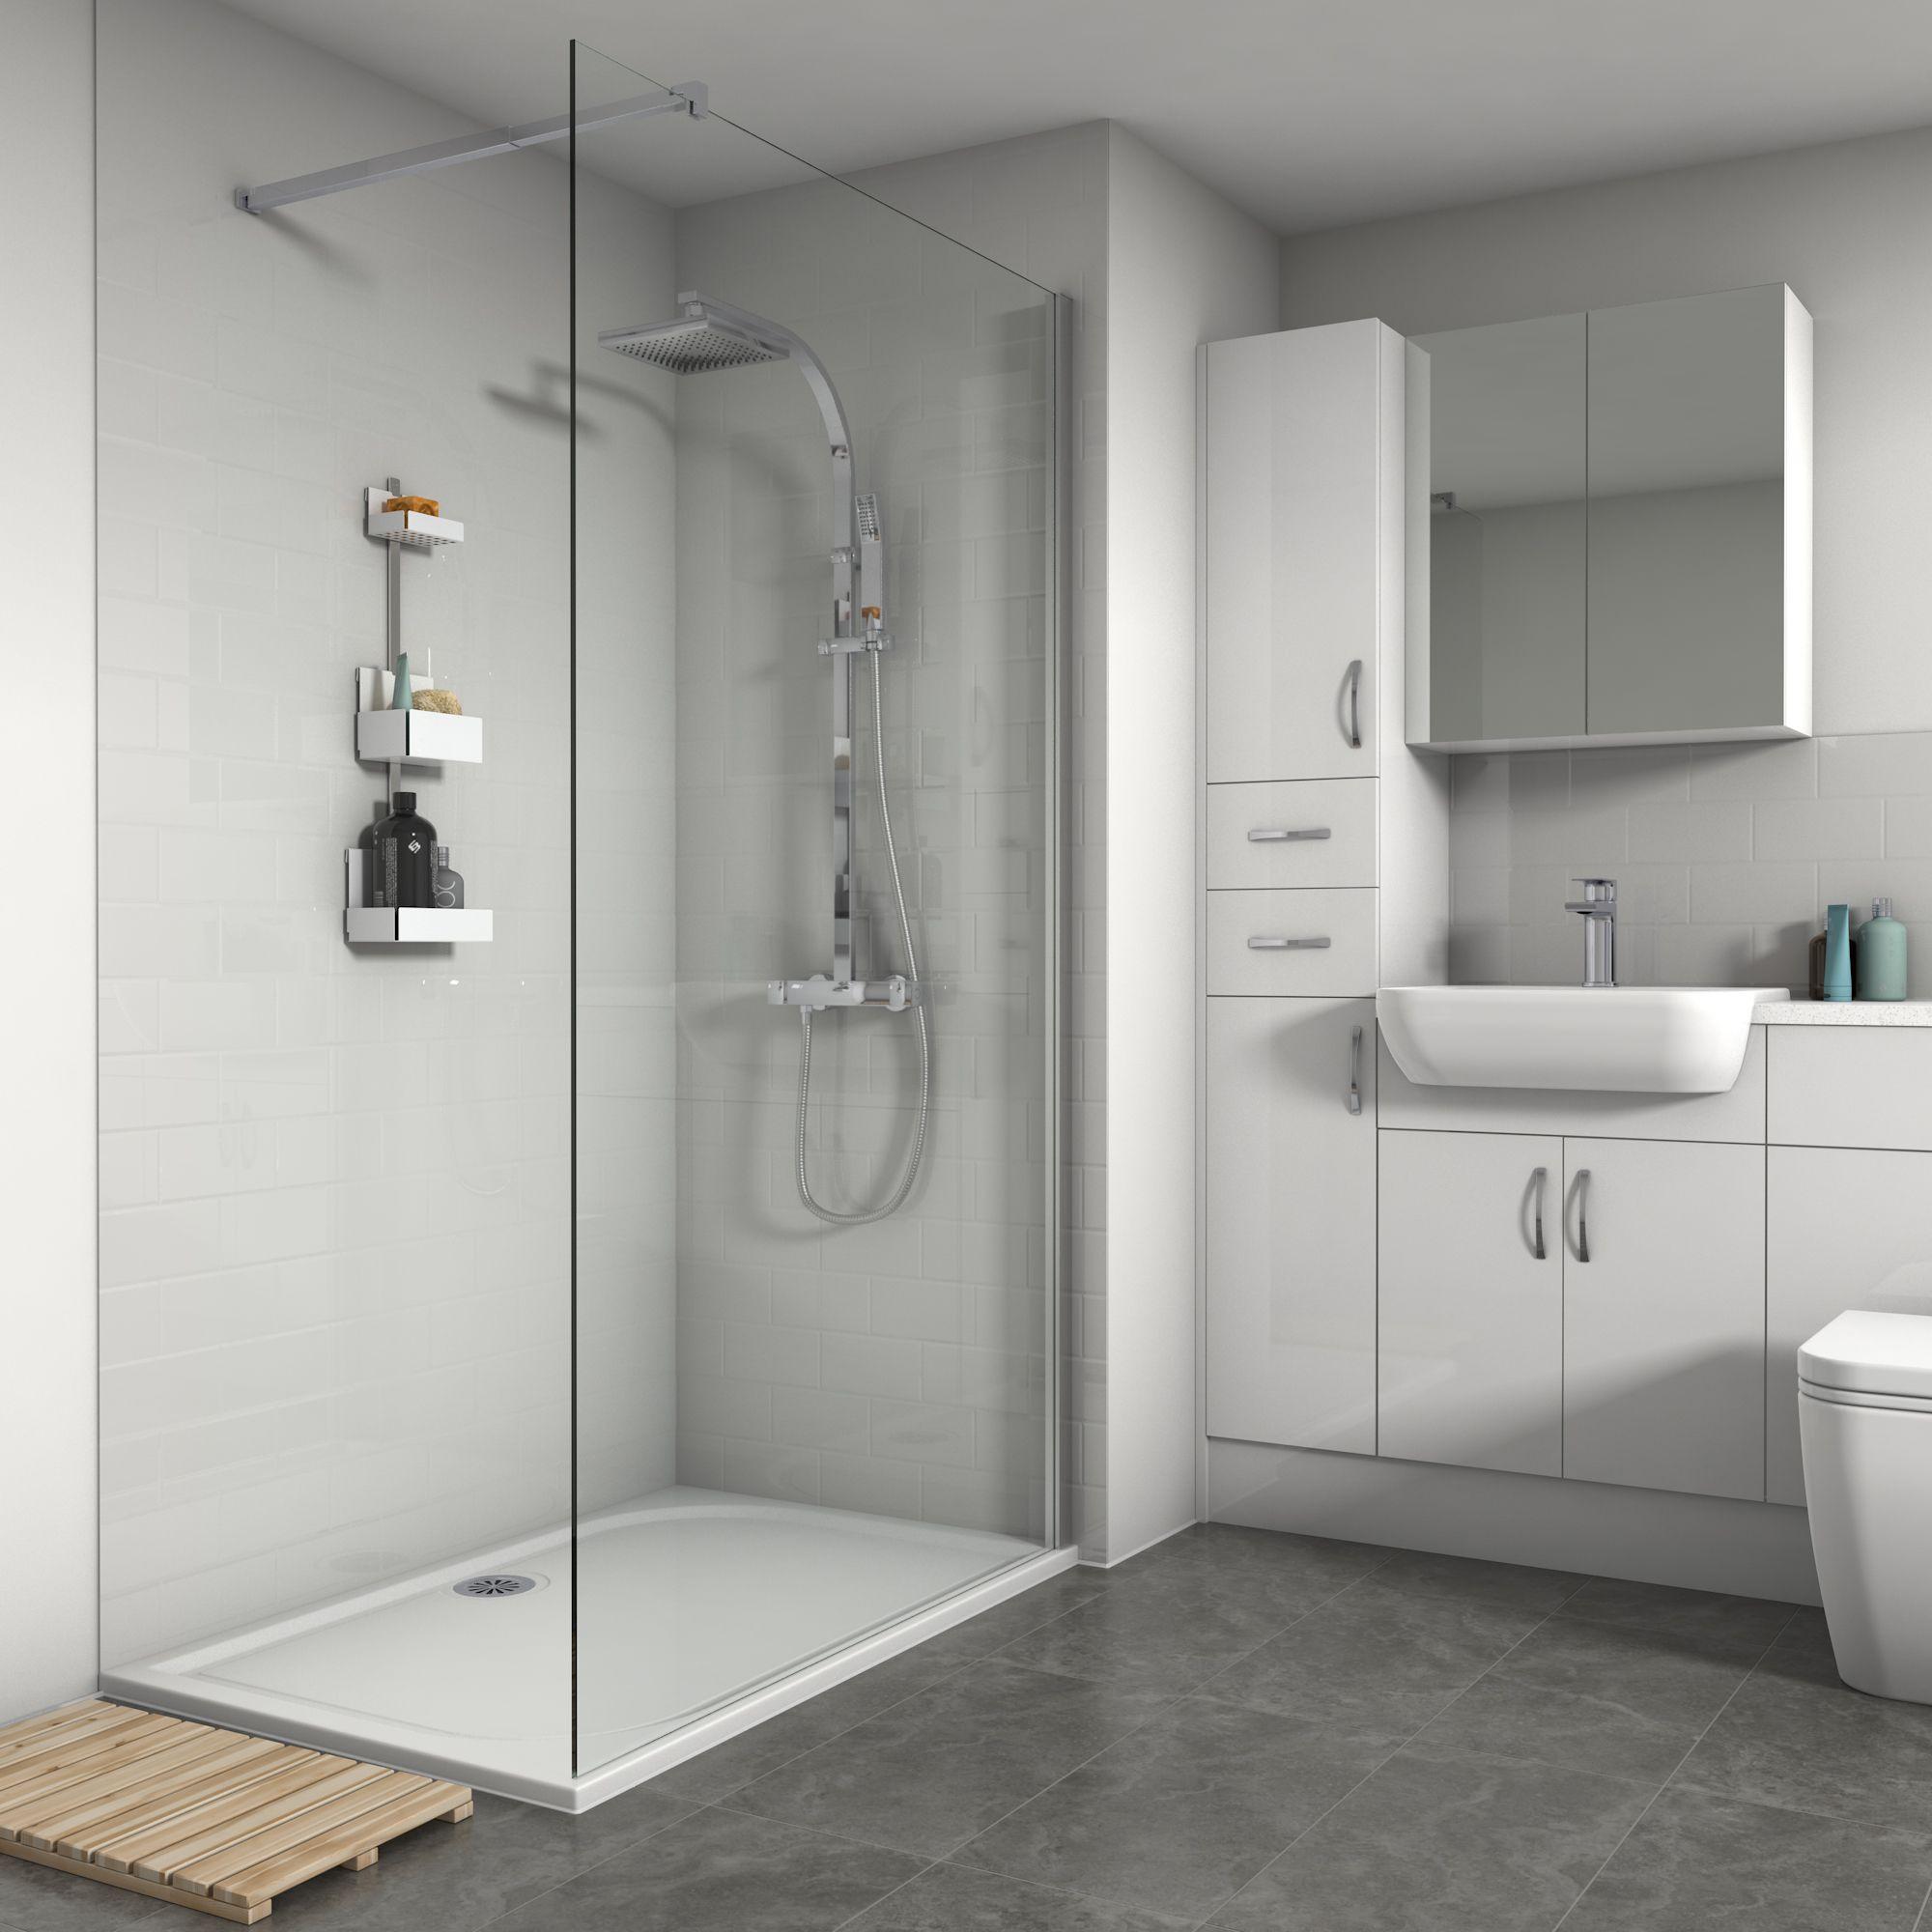 Splashwall Vertical Tile effect Gloss White Shower panel ...